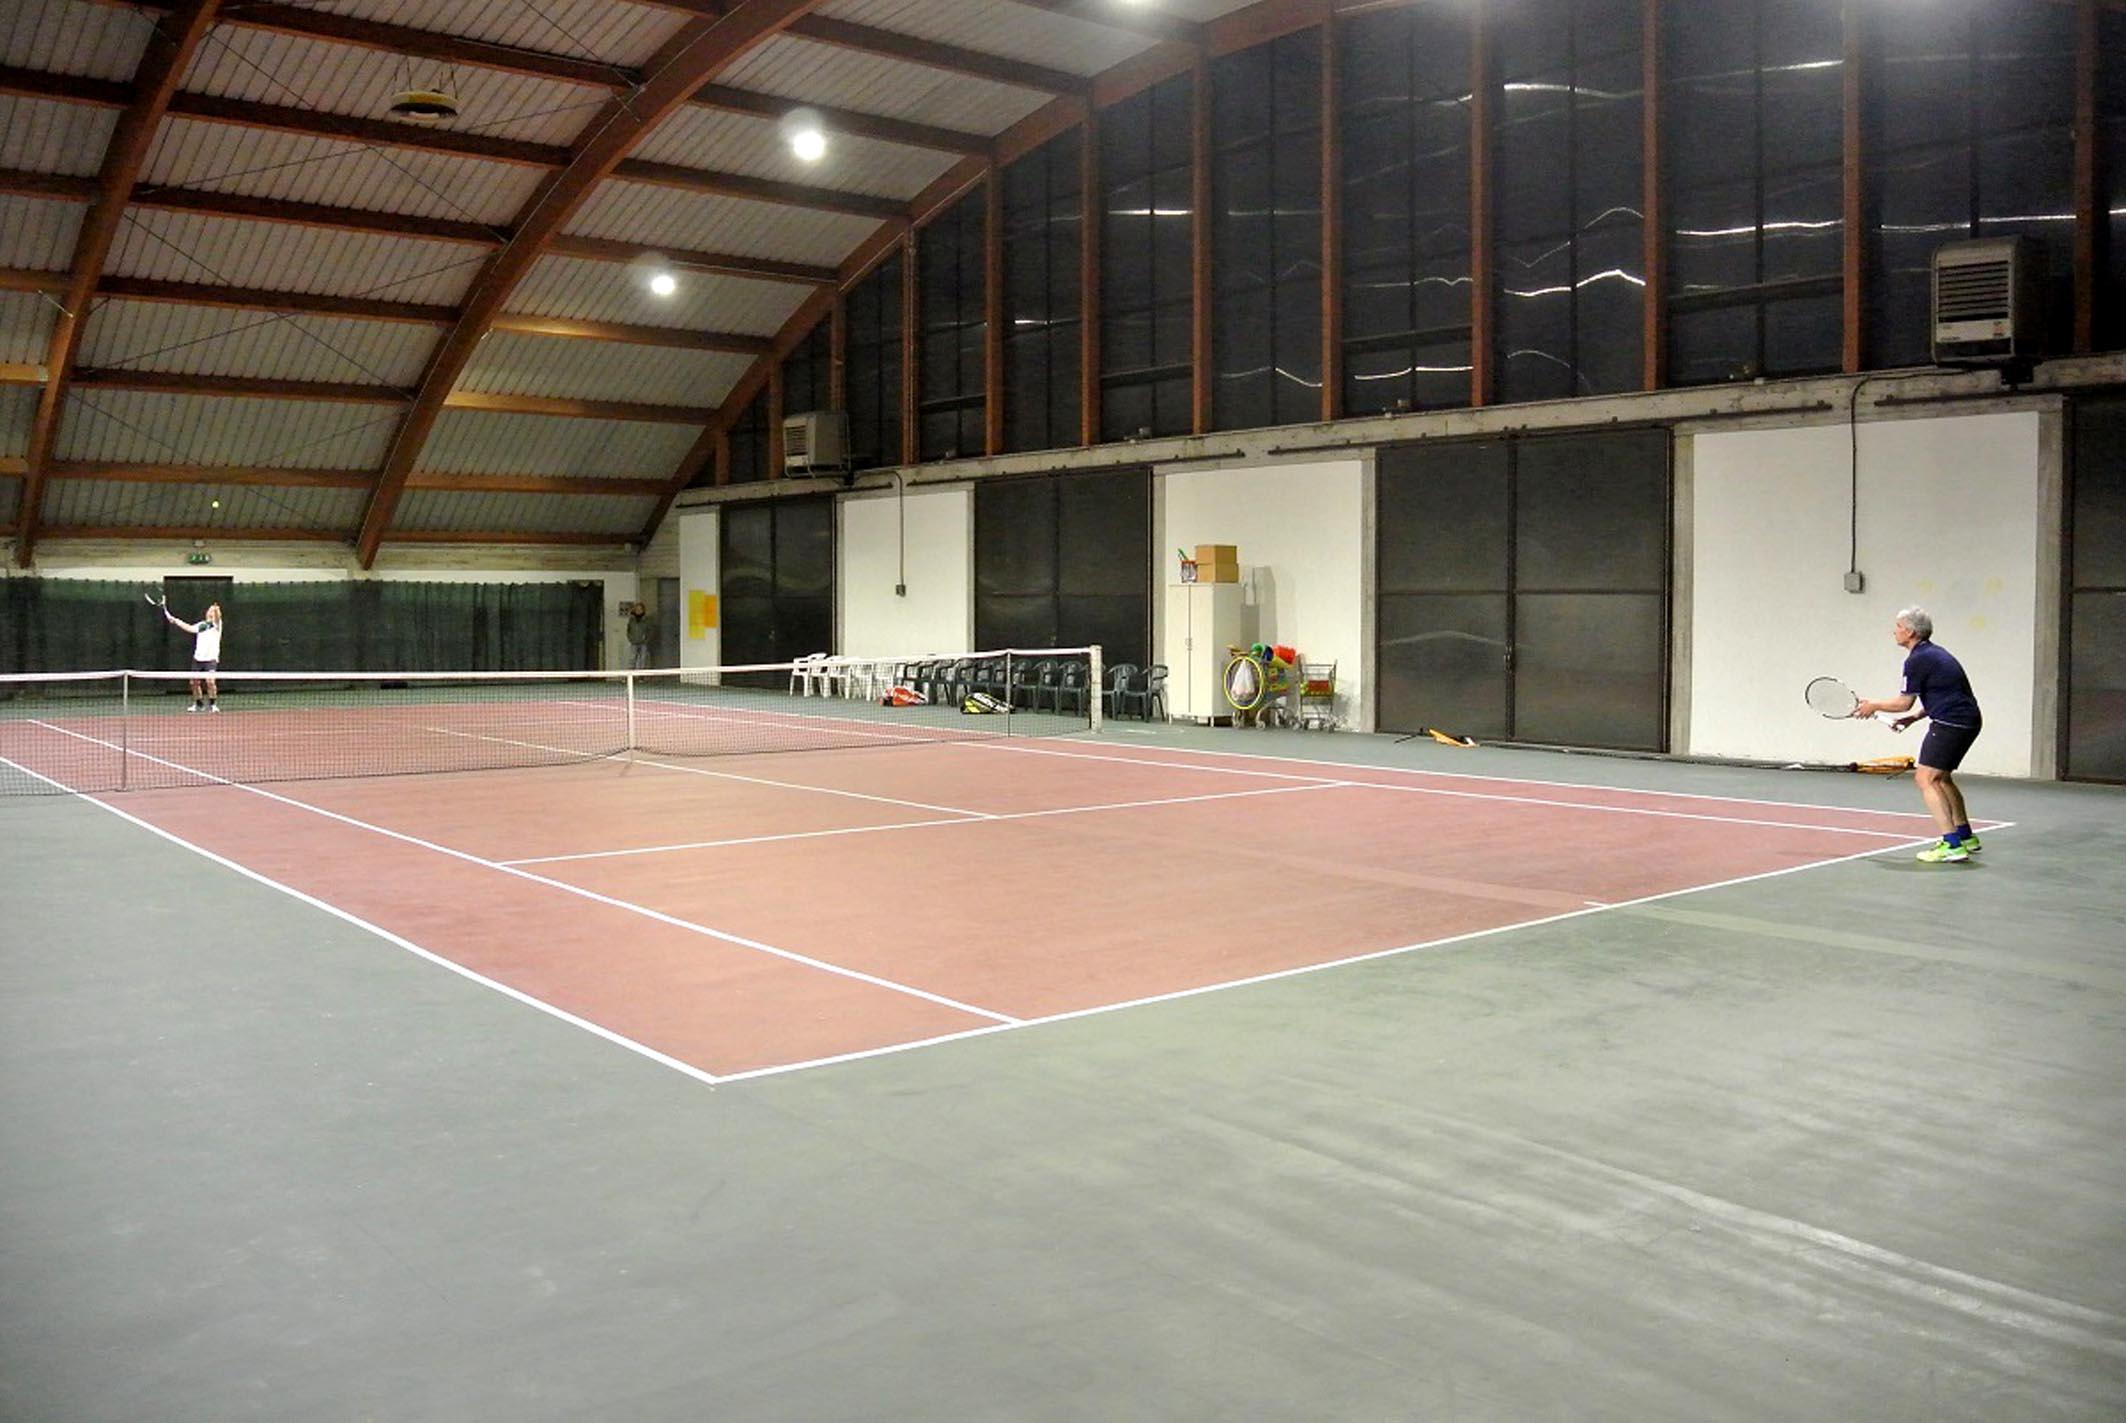 Reggiolo u nuovo impianto di illuminazione per il campo da tennis